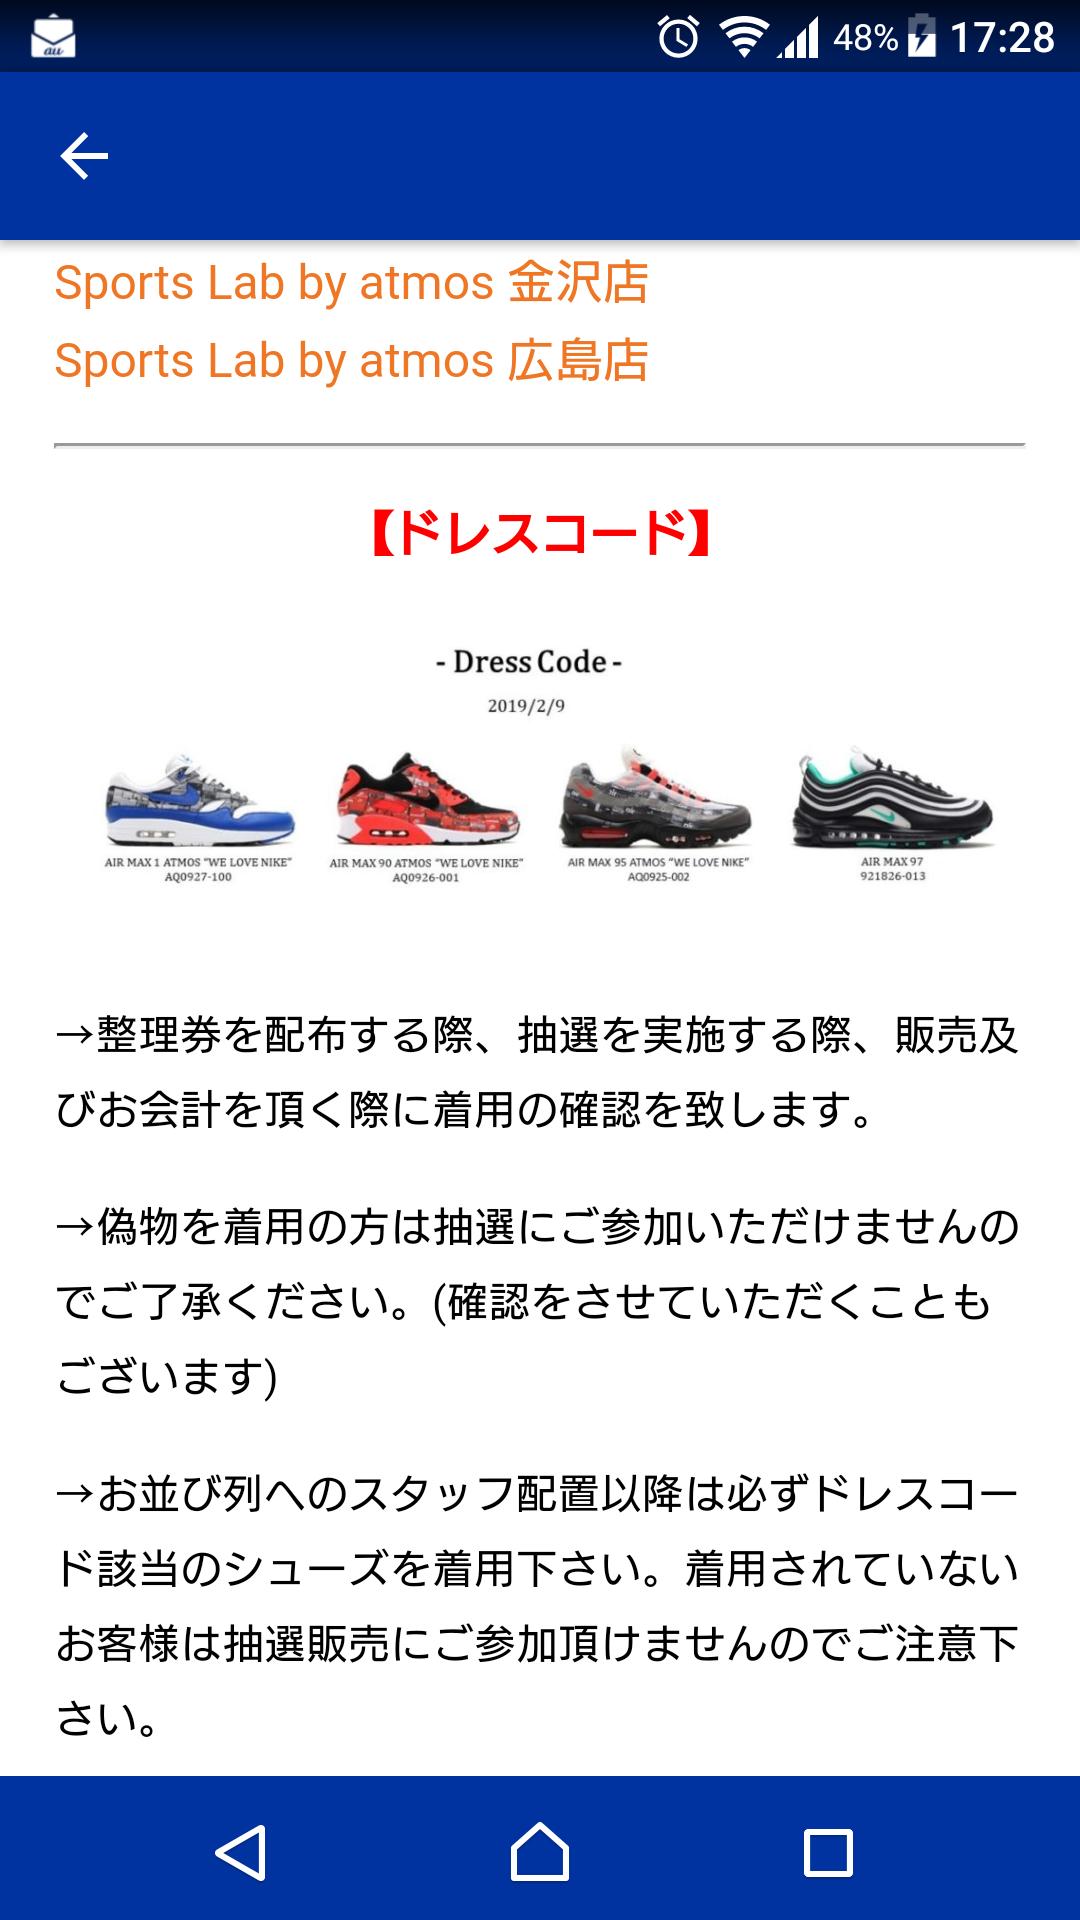 店頭抽選初の方々〜(*´▽`*)ノドレスコード以外のスニーカーは並べません〜(/